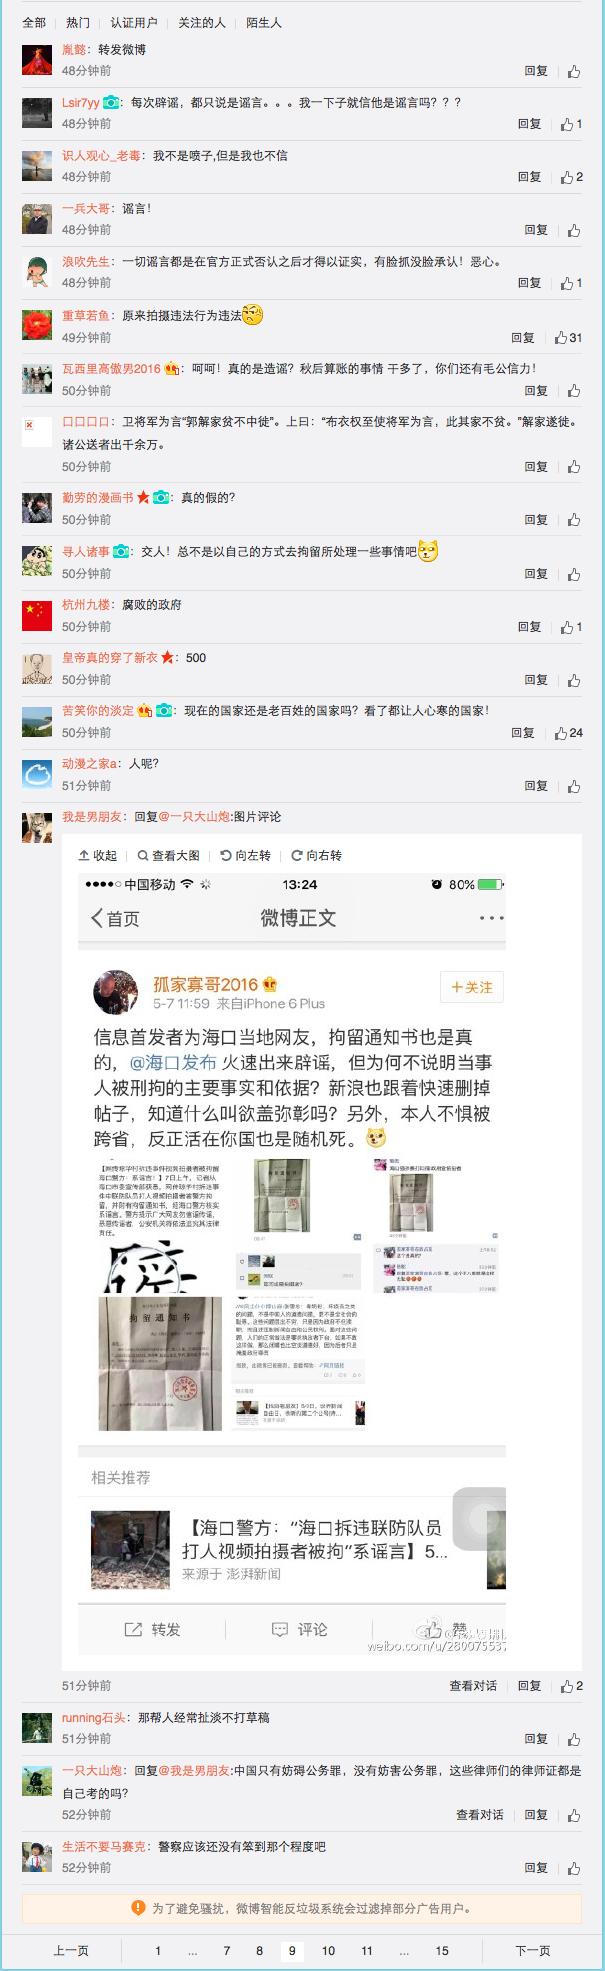 财经网微博3